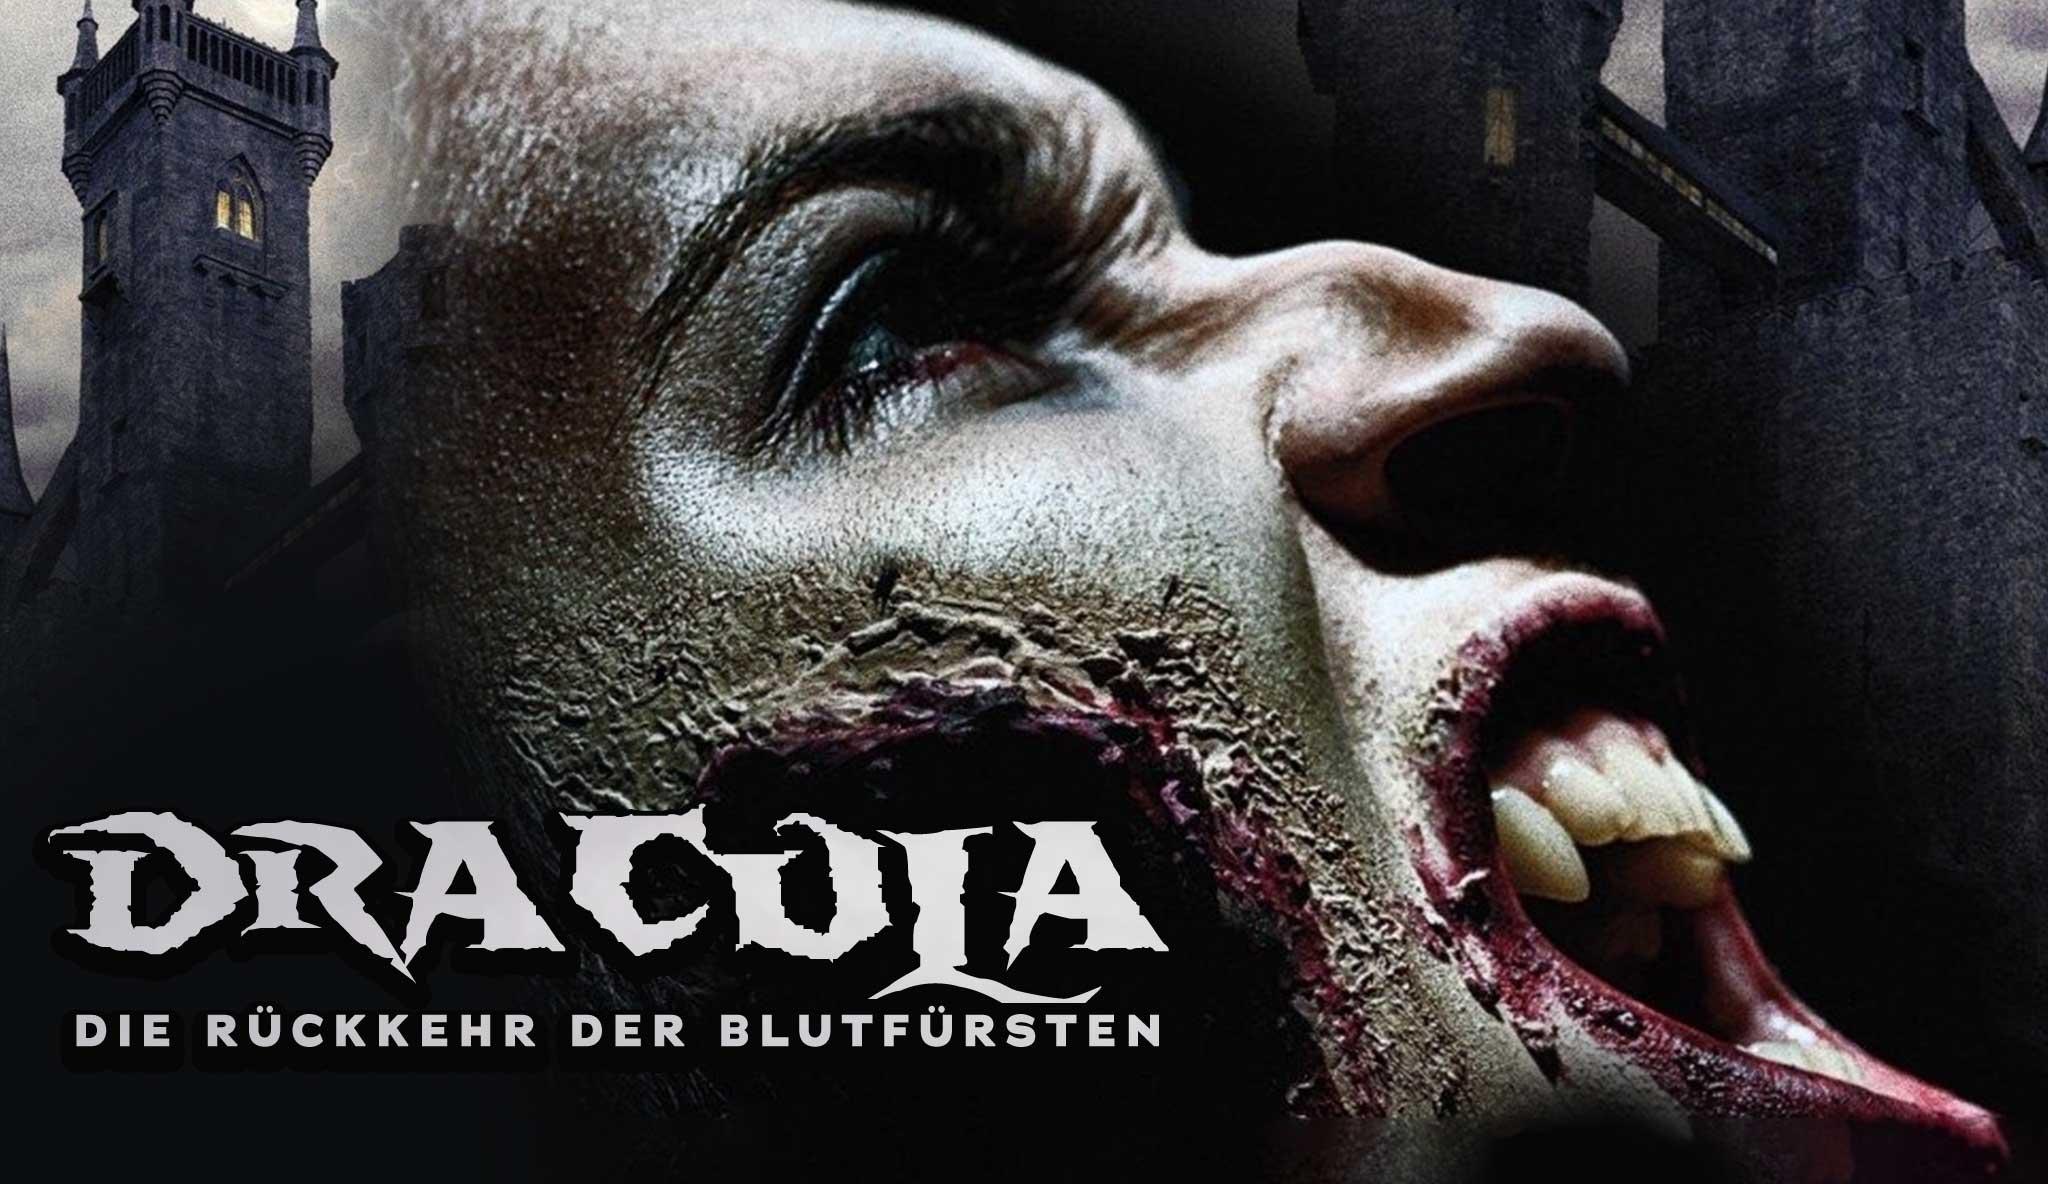 dracula-2-die-ruckkehr-der-blutfursten\header.jpg